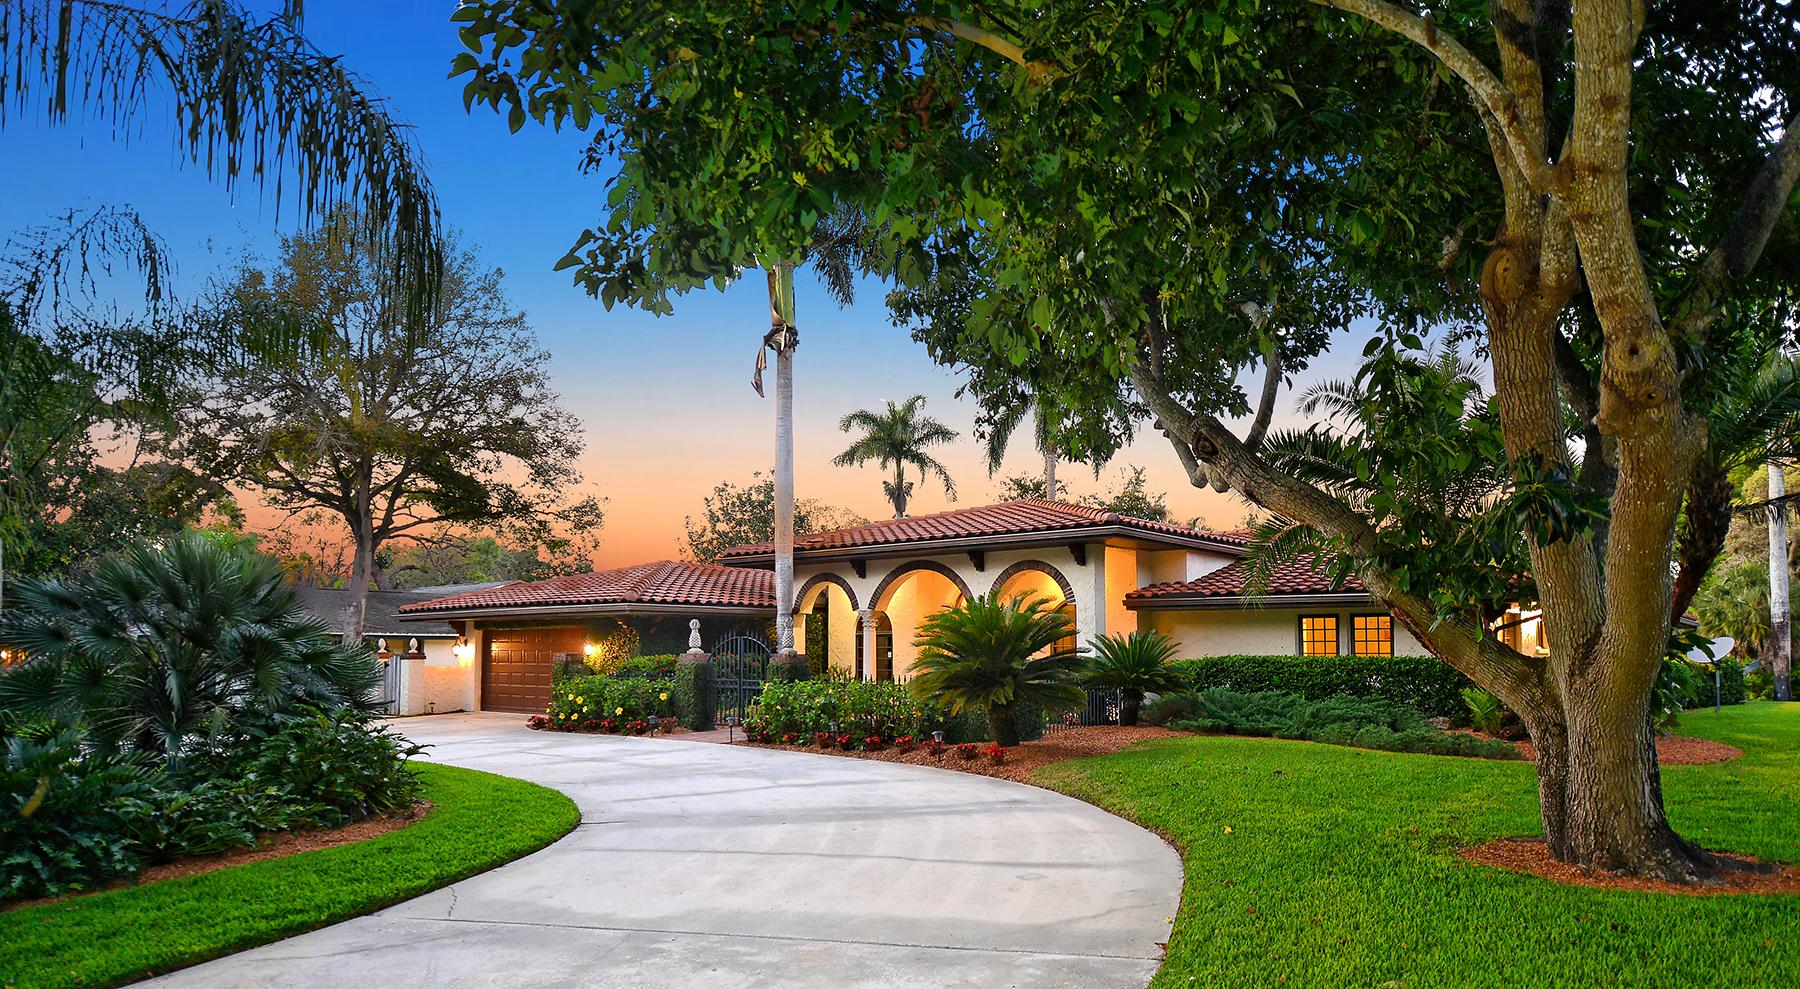 Casa Unifamiliar por un Venta en CHEROKEE PARK 1625 S Lodge Dr Cherokee Park, Sarasota, Florida, 34239 Estados Unidos